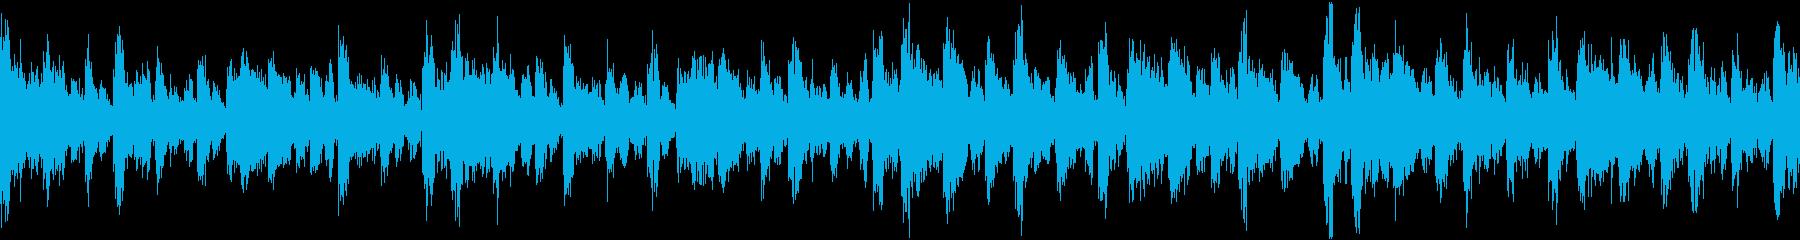 パーカッション 侵略 ループ 物々しいの再生済みの波形